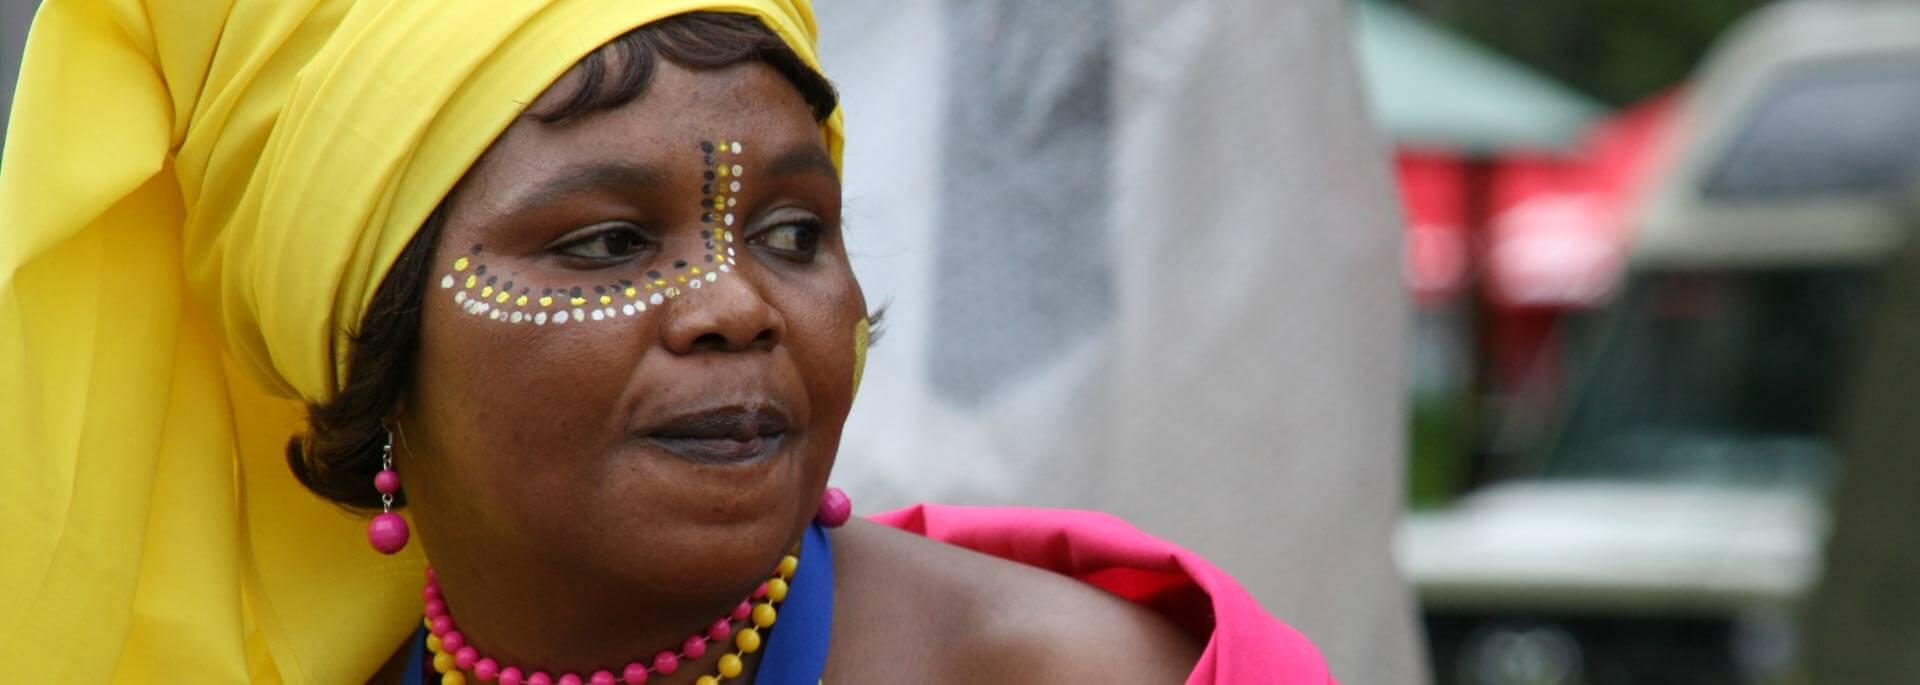 Wie ich auf Afrikas Tourismusmesse Haitauchern ins Netz ging